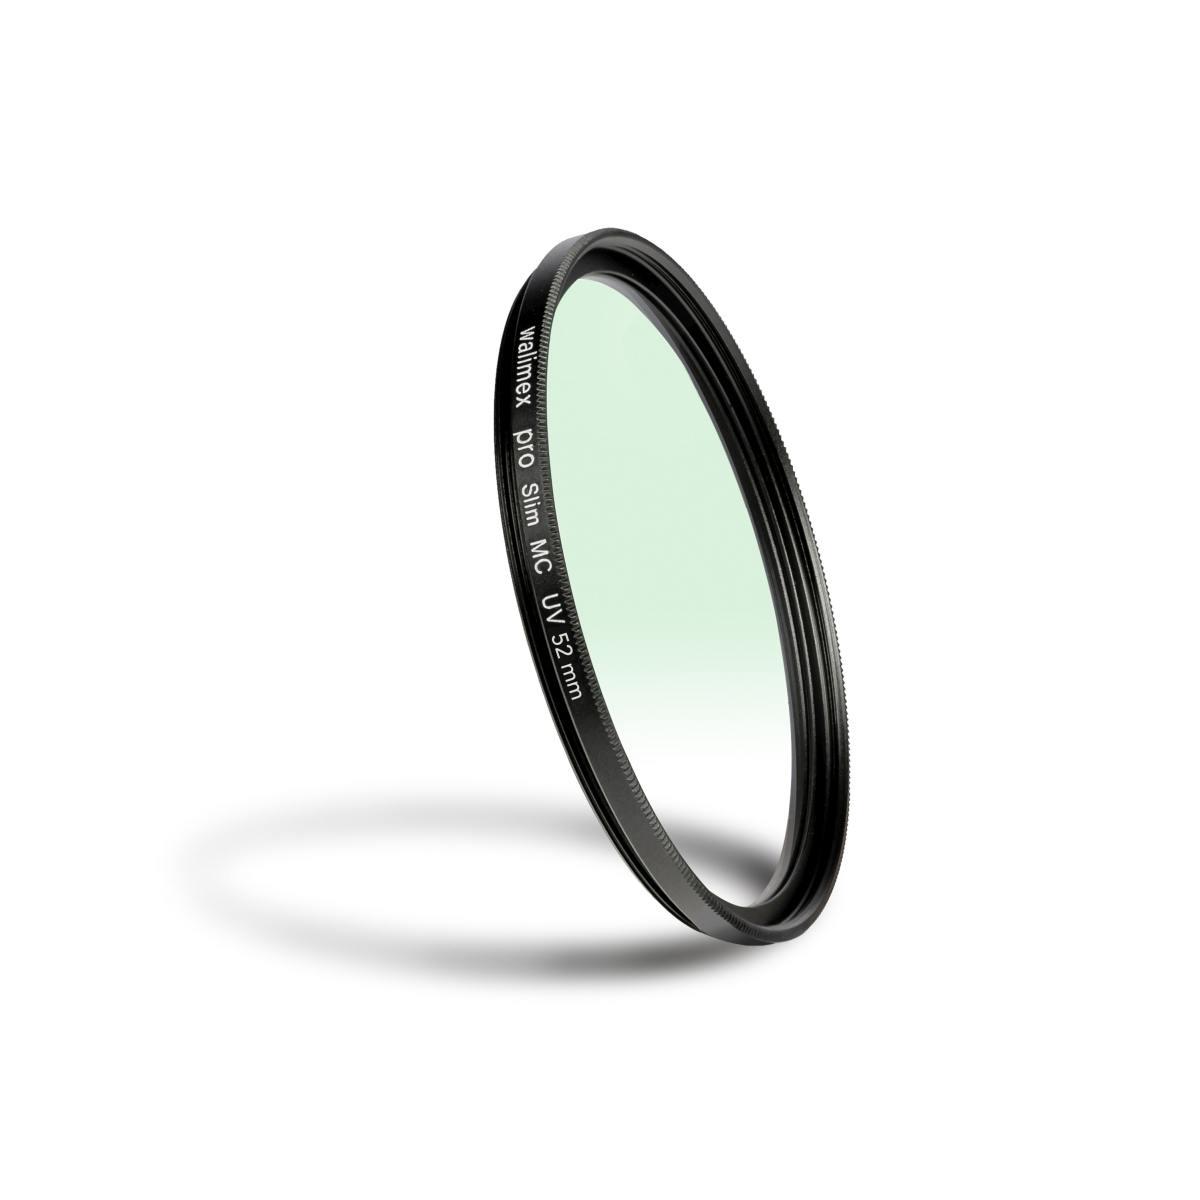 Walimex pro Slim MC UV Filter 52 mm